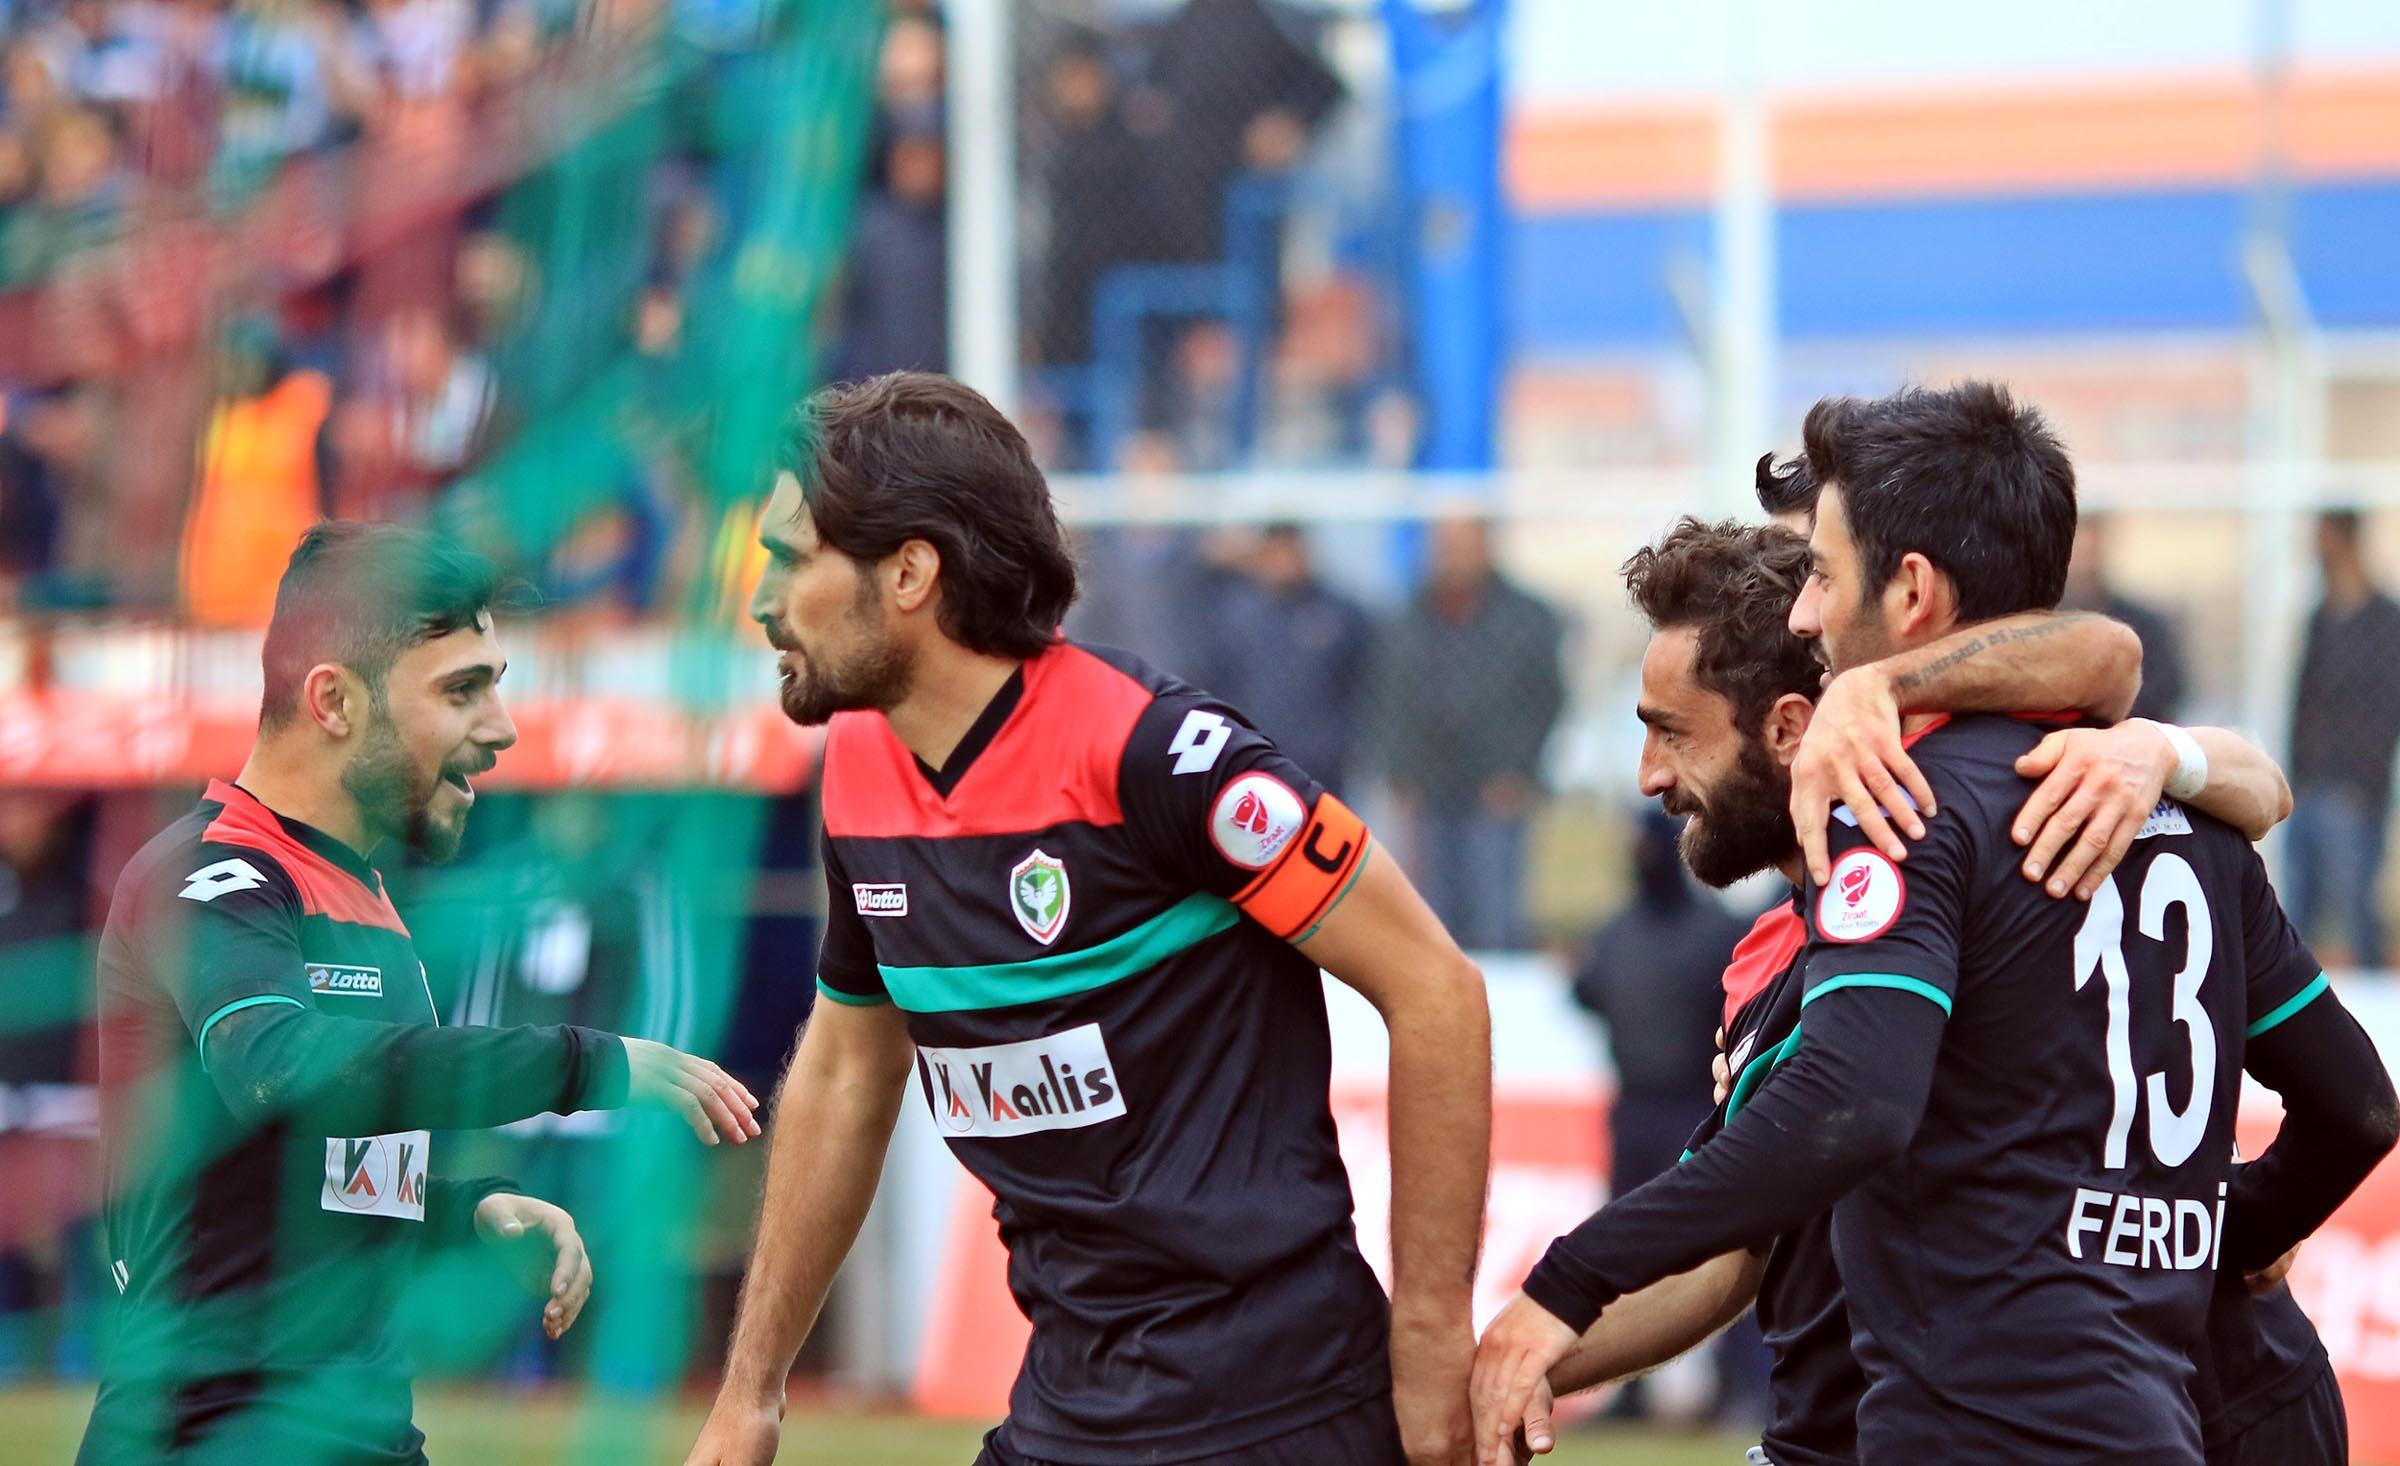 Provokatörler kaybetti: Amedspor Bursaspor'u eledi